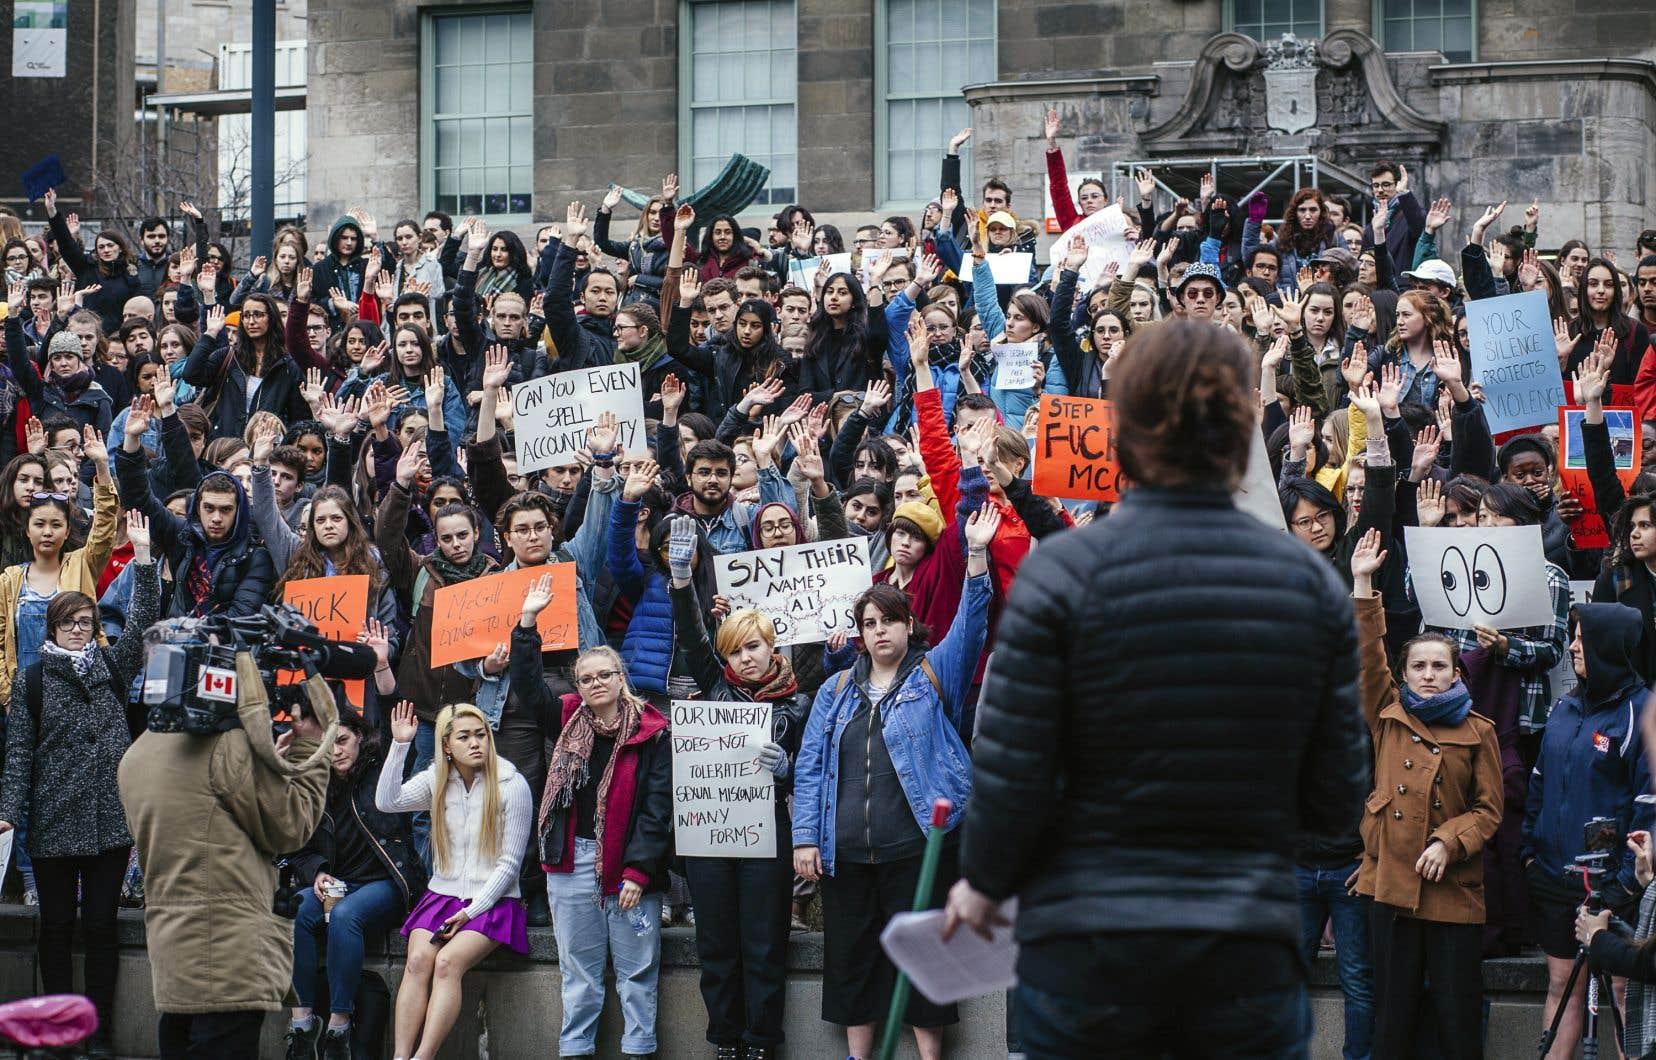 Quelques centaines d'étudiants ont manifesté mercredi après-midi pour fustiger la direction de McGill en la sommant de reconnaître le problème de harcèlement sexuel sur le campus.